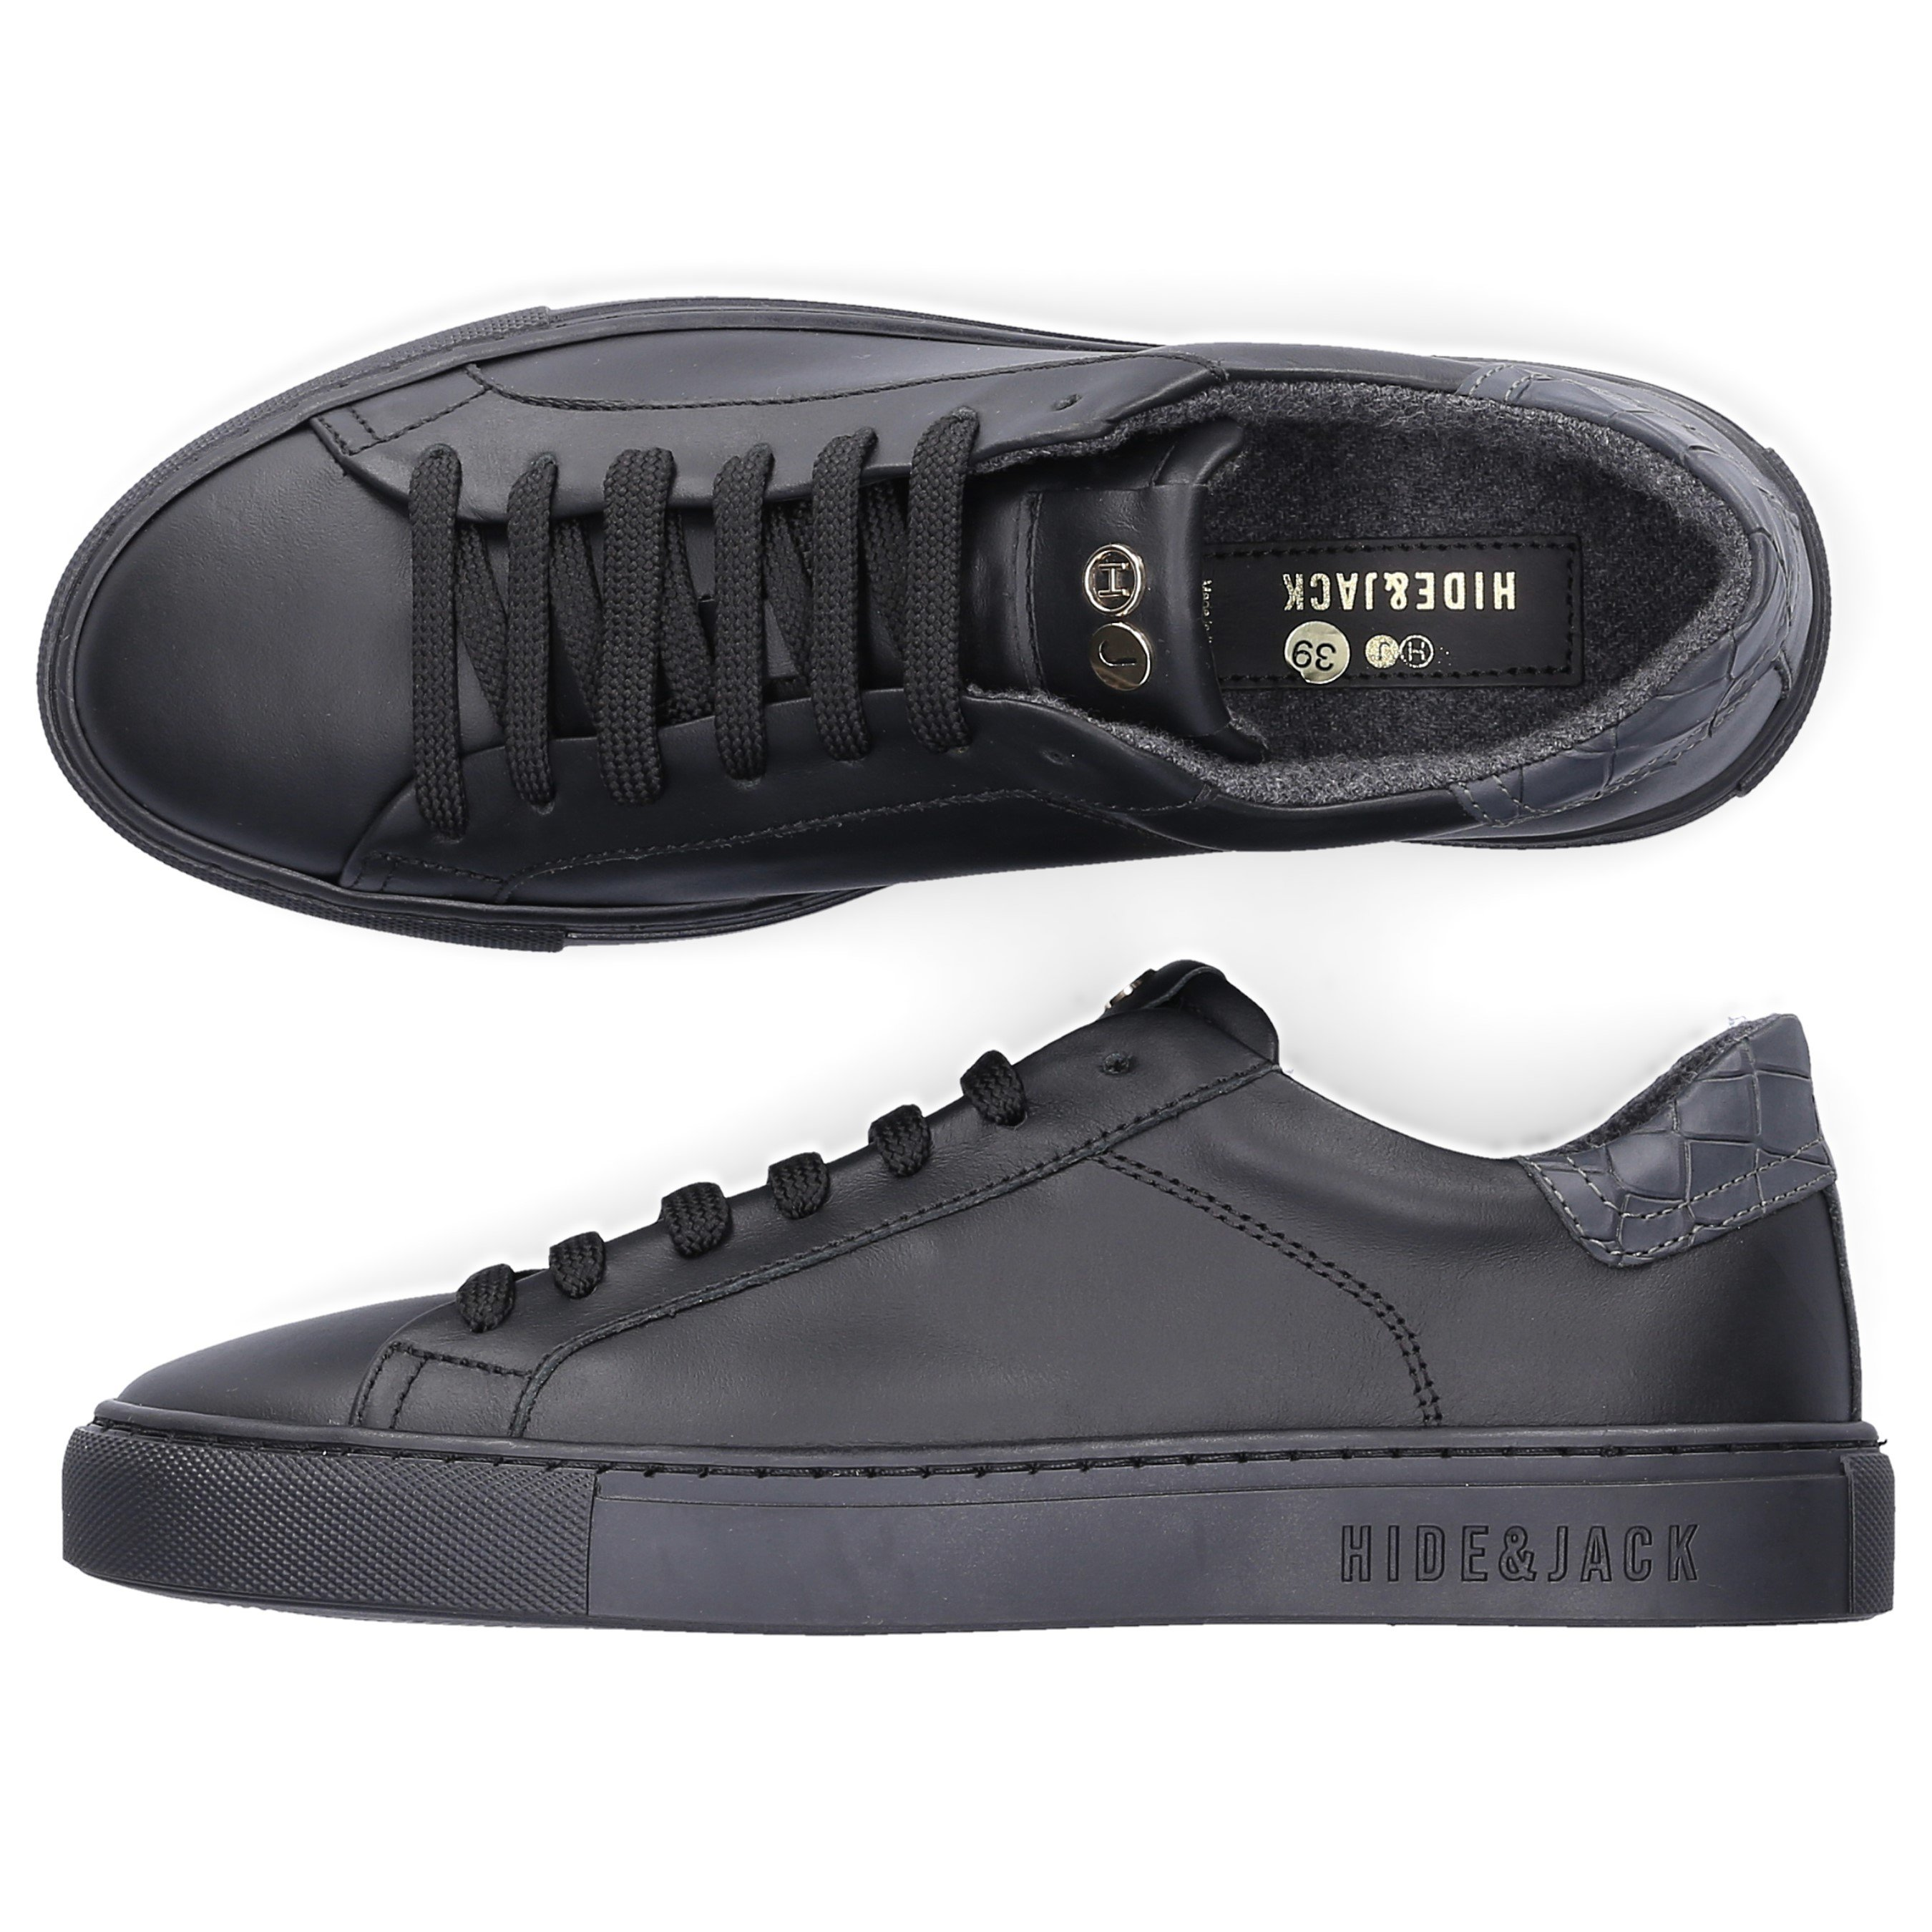 Hide & Jack Low-Top Sneakers Low Top Sneaker In Black